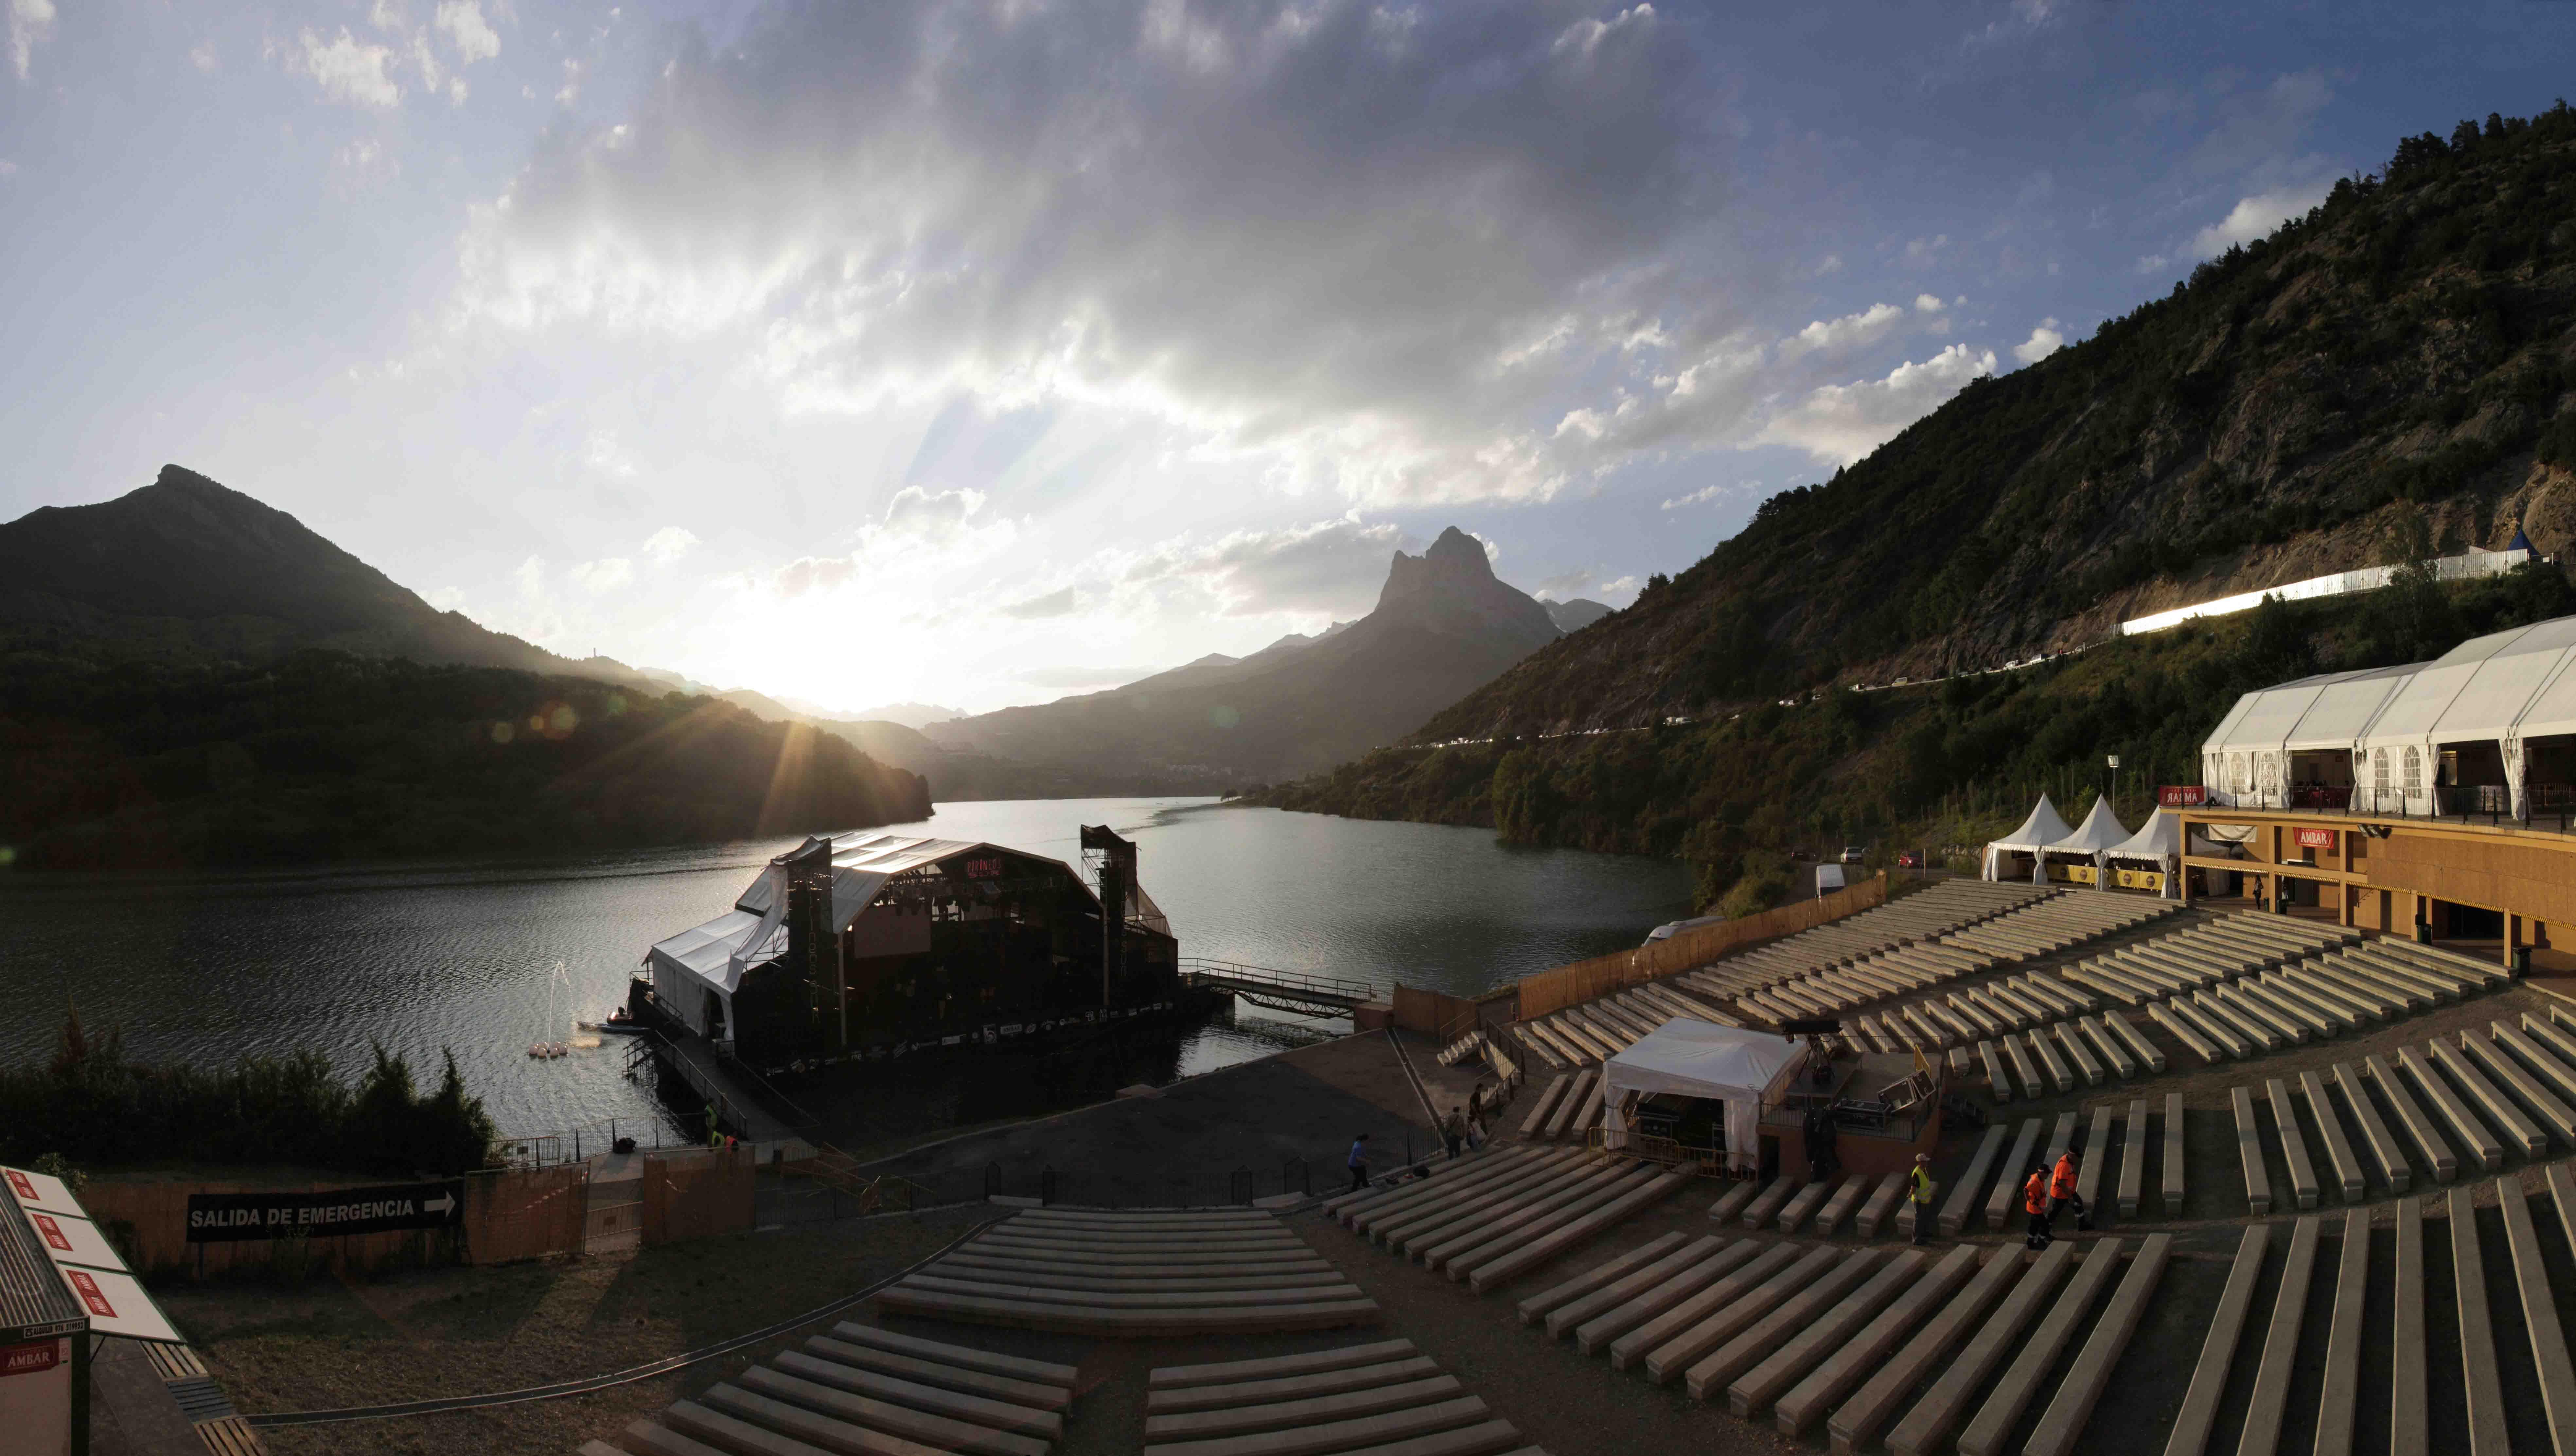 Mark Knopfler en el inigualable escenario de Pirineos Sur (24 julio) 2014-07-18-AuditorioLanuzaatardecerhorizDPH.PacoManzano